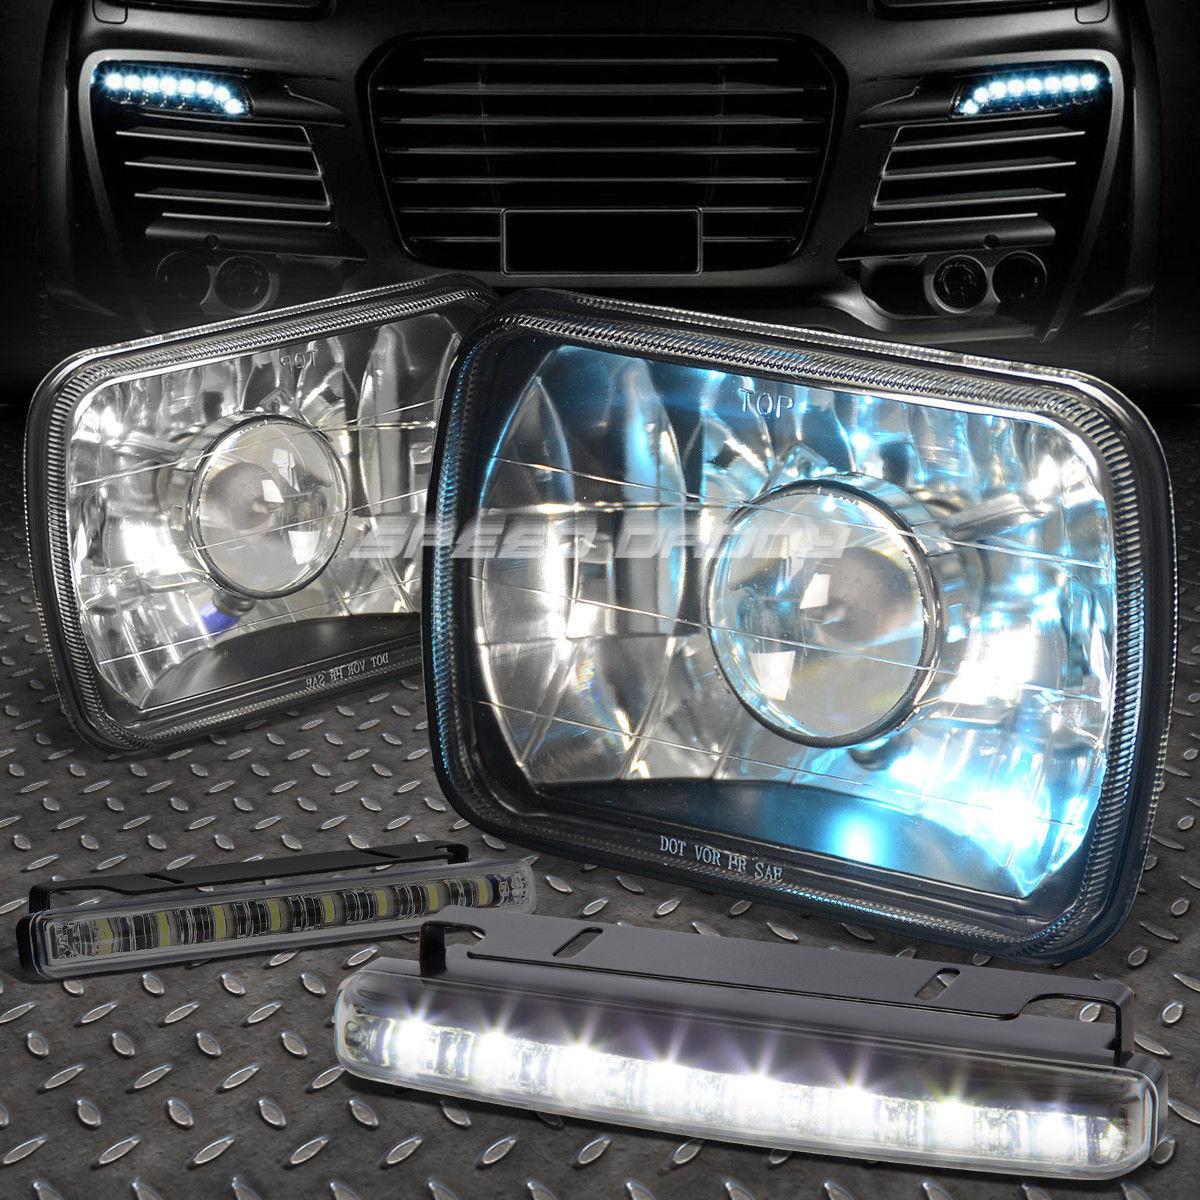 フォグライト 7x6 SQUARE BLACK PROJECTOR GLASS HEADLIGHT+8 LED SMOKE FOG LIGHT FOR NISSAN 7×6スクエアブラックプロジェクターガラスヘッドライト+ 8日産用LED SMOKE FOGライト